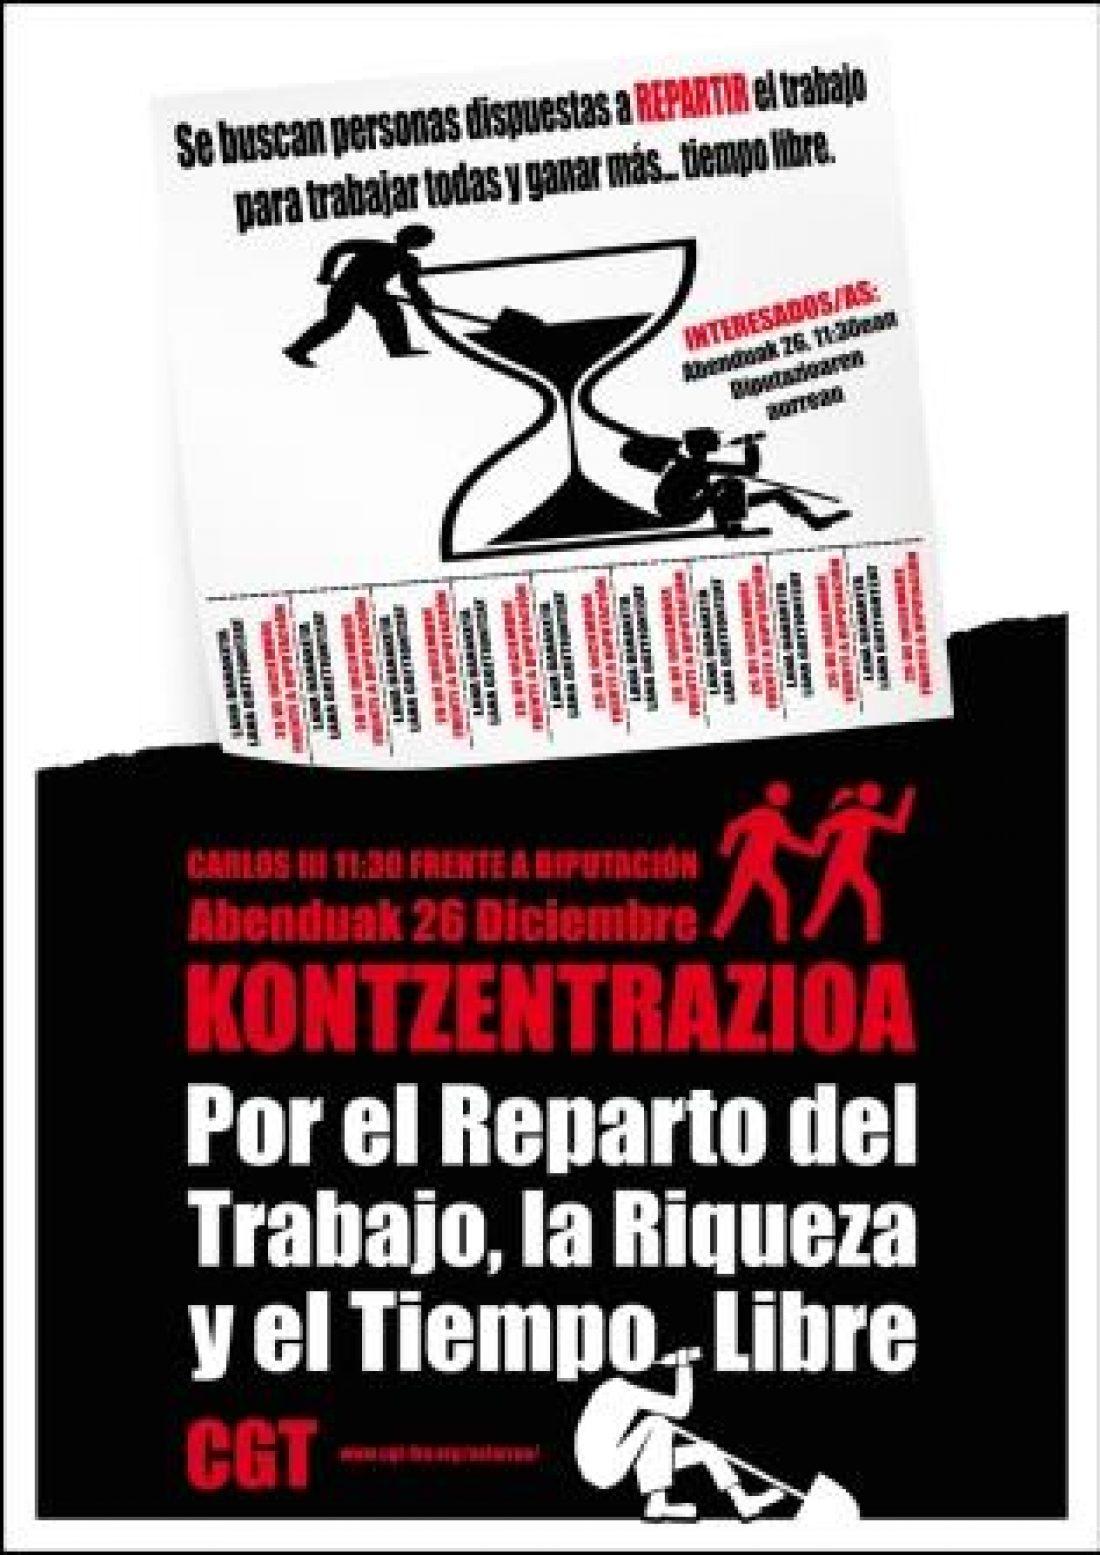 Campaña de CGT/LKN Nafarroa por el reparto de los trabajos